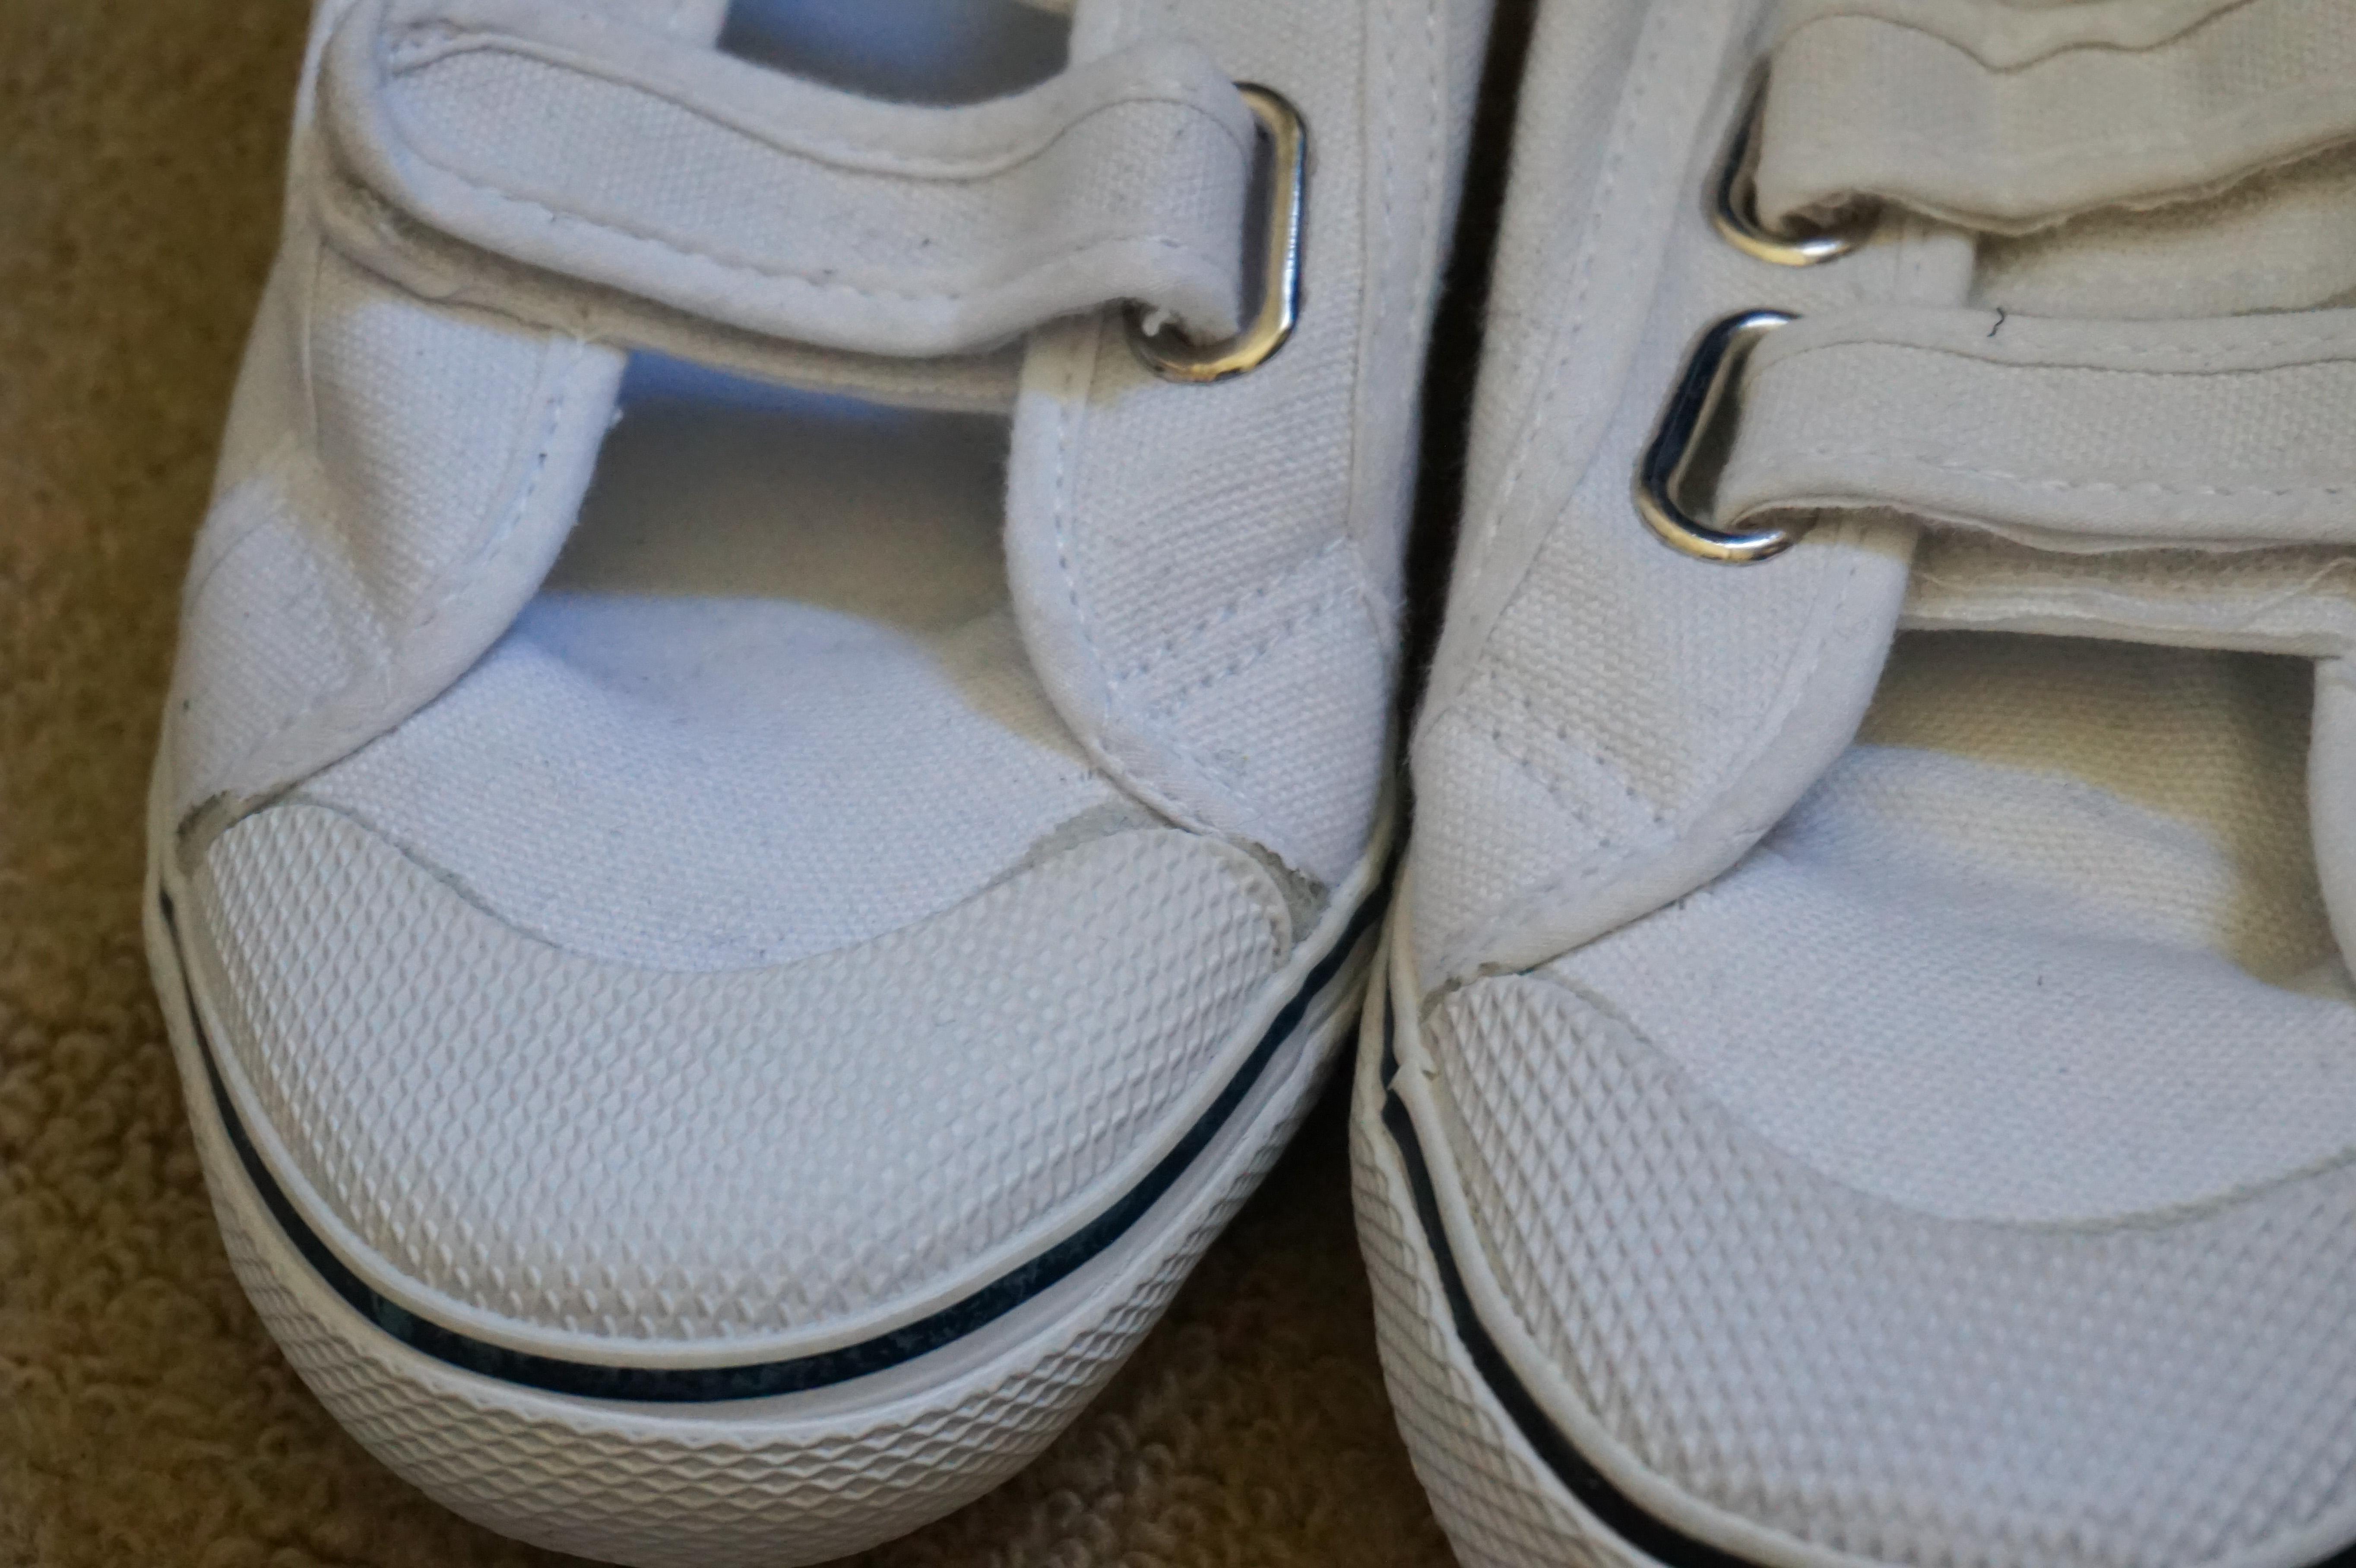 vans schoenen kapot